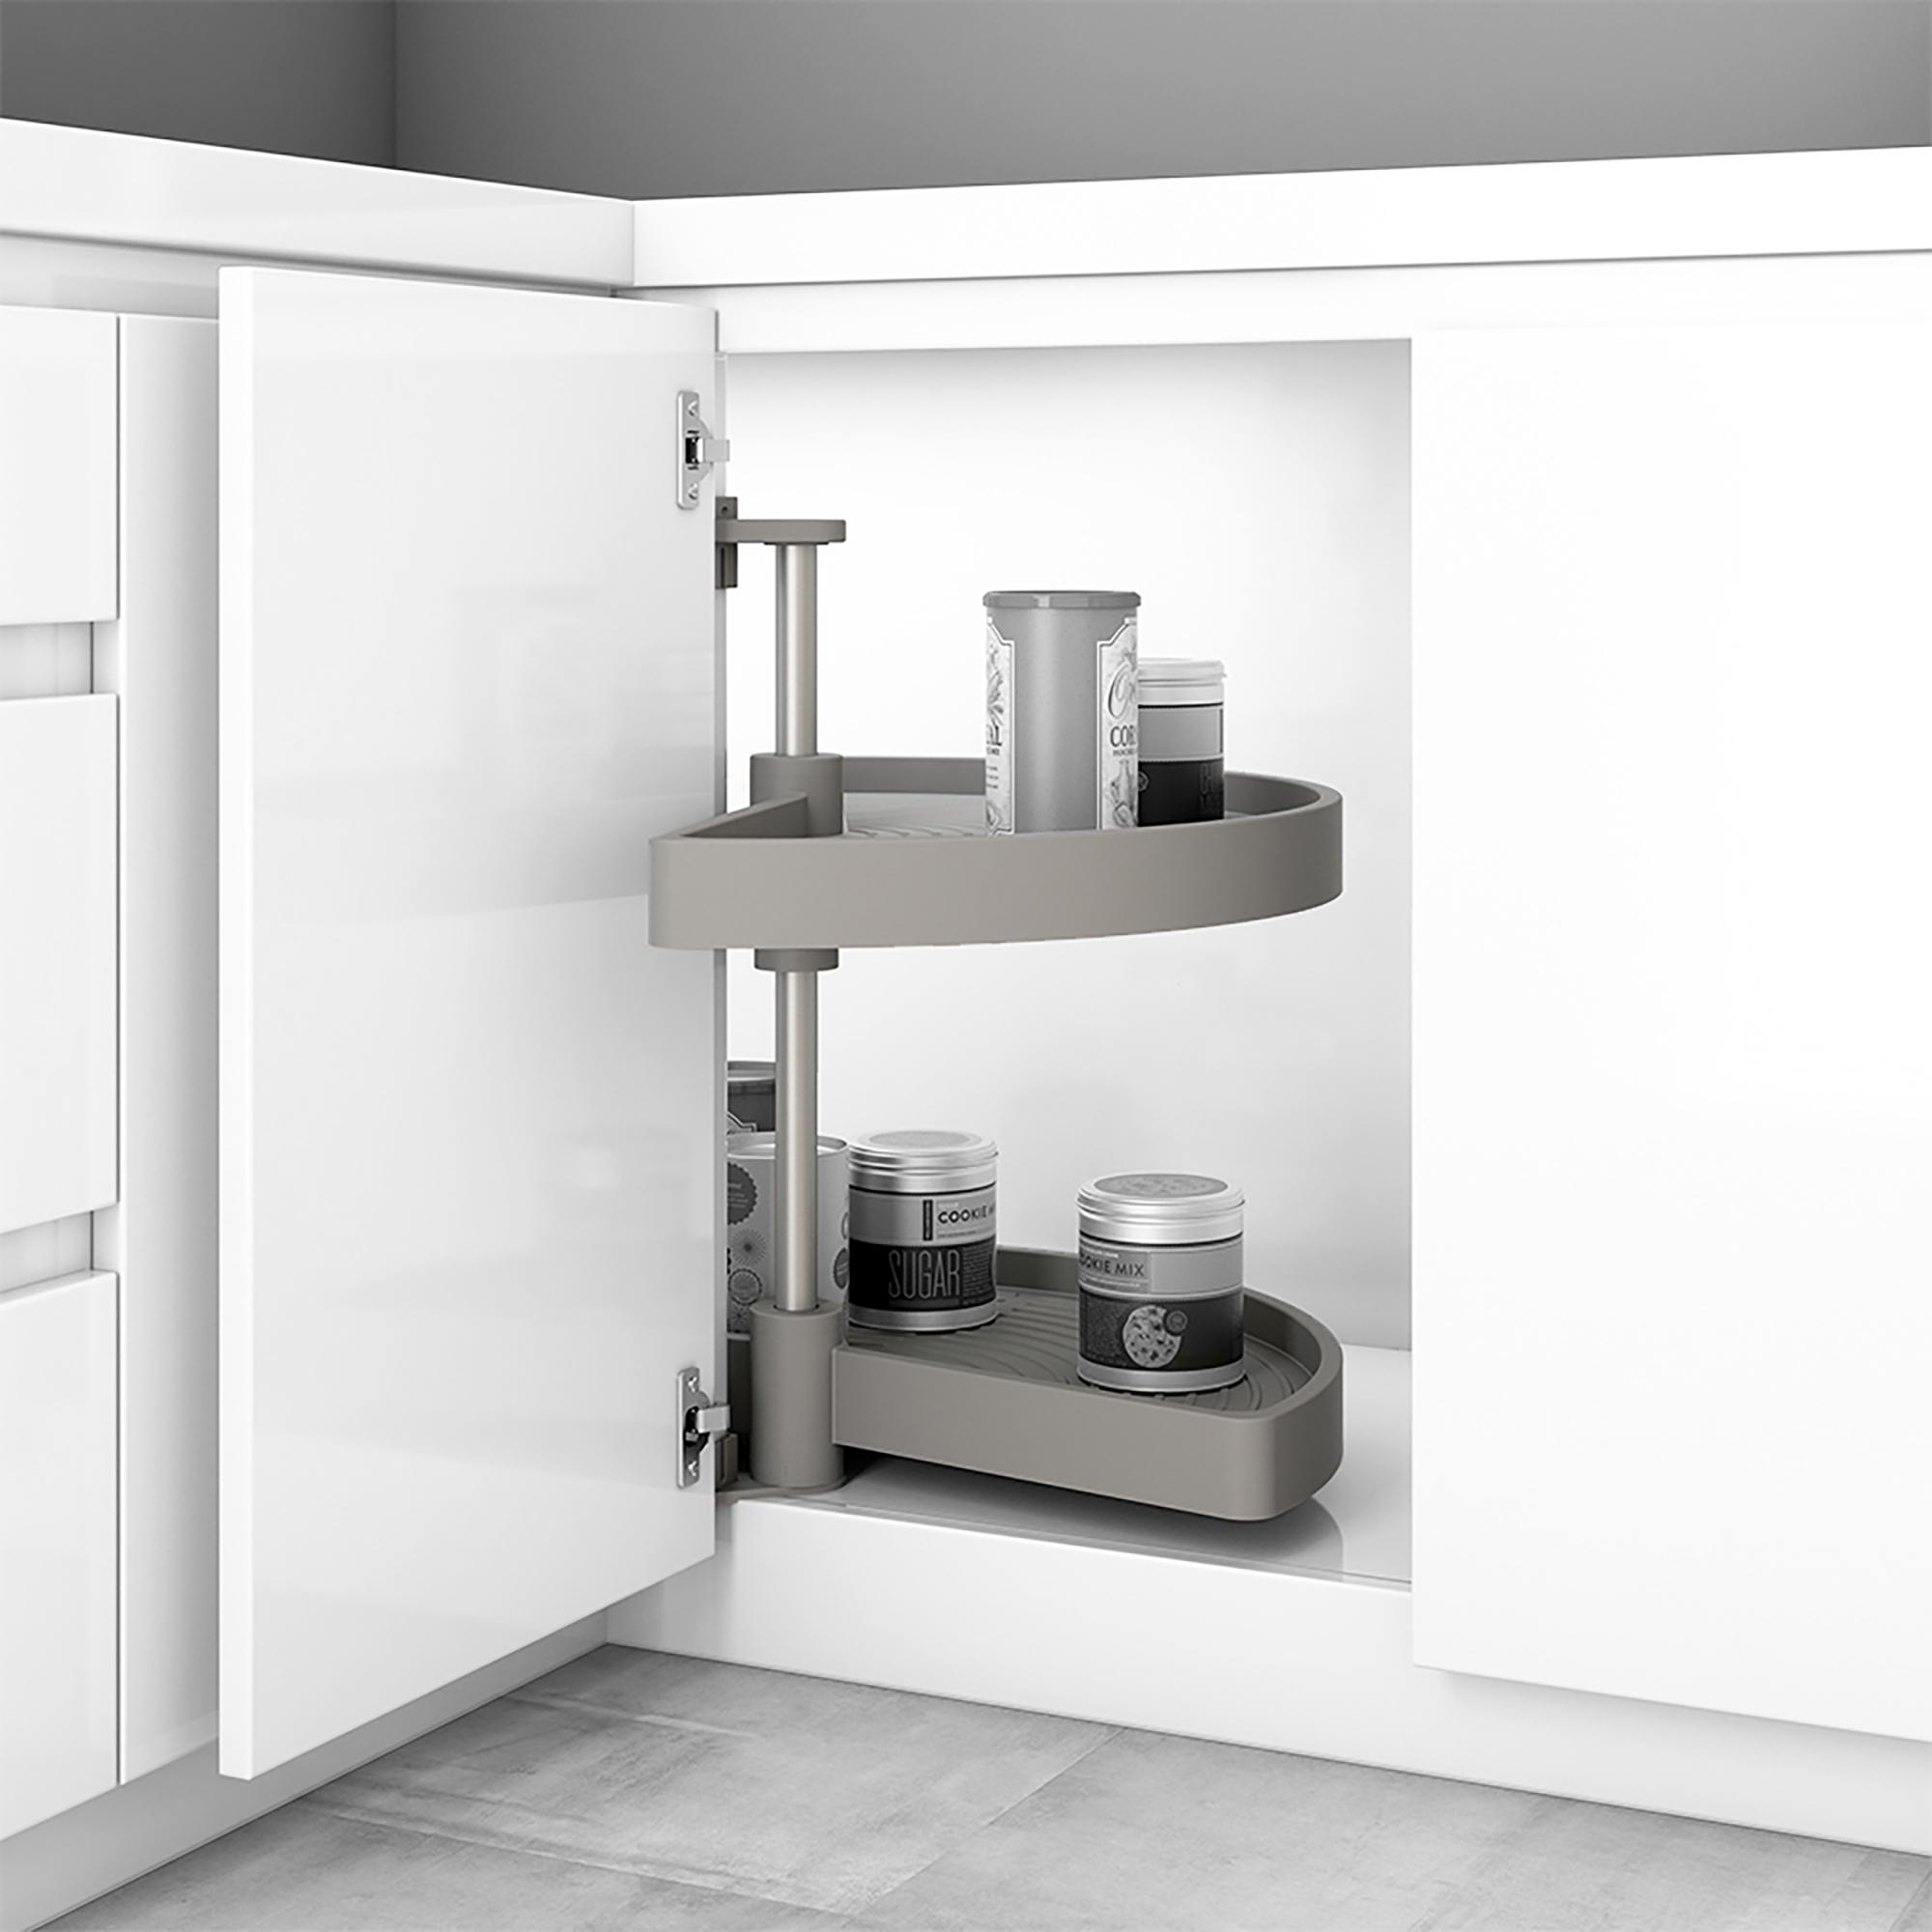 Emuca Cestello girevole per mobile da cucina, 180º, modulo 800 mm, Plastica, Grigio